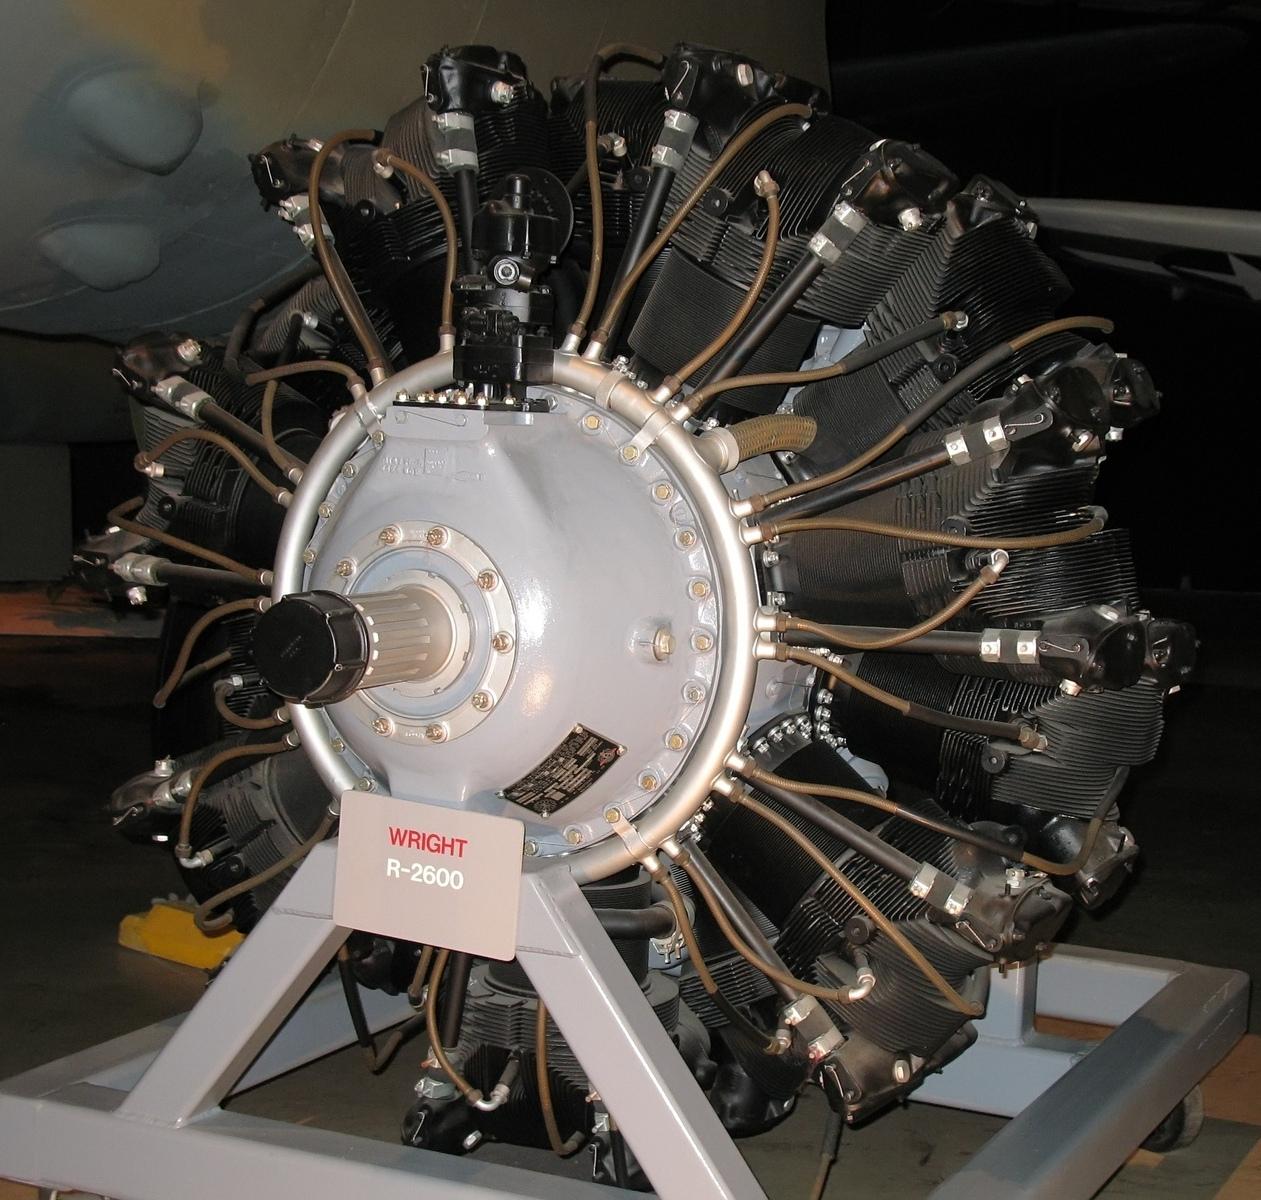 Motores aeronáuticos (parte 5) - Motor Radial - Taringa!